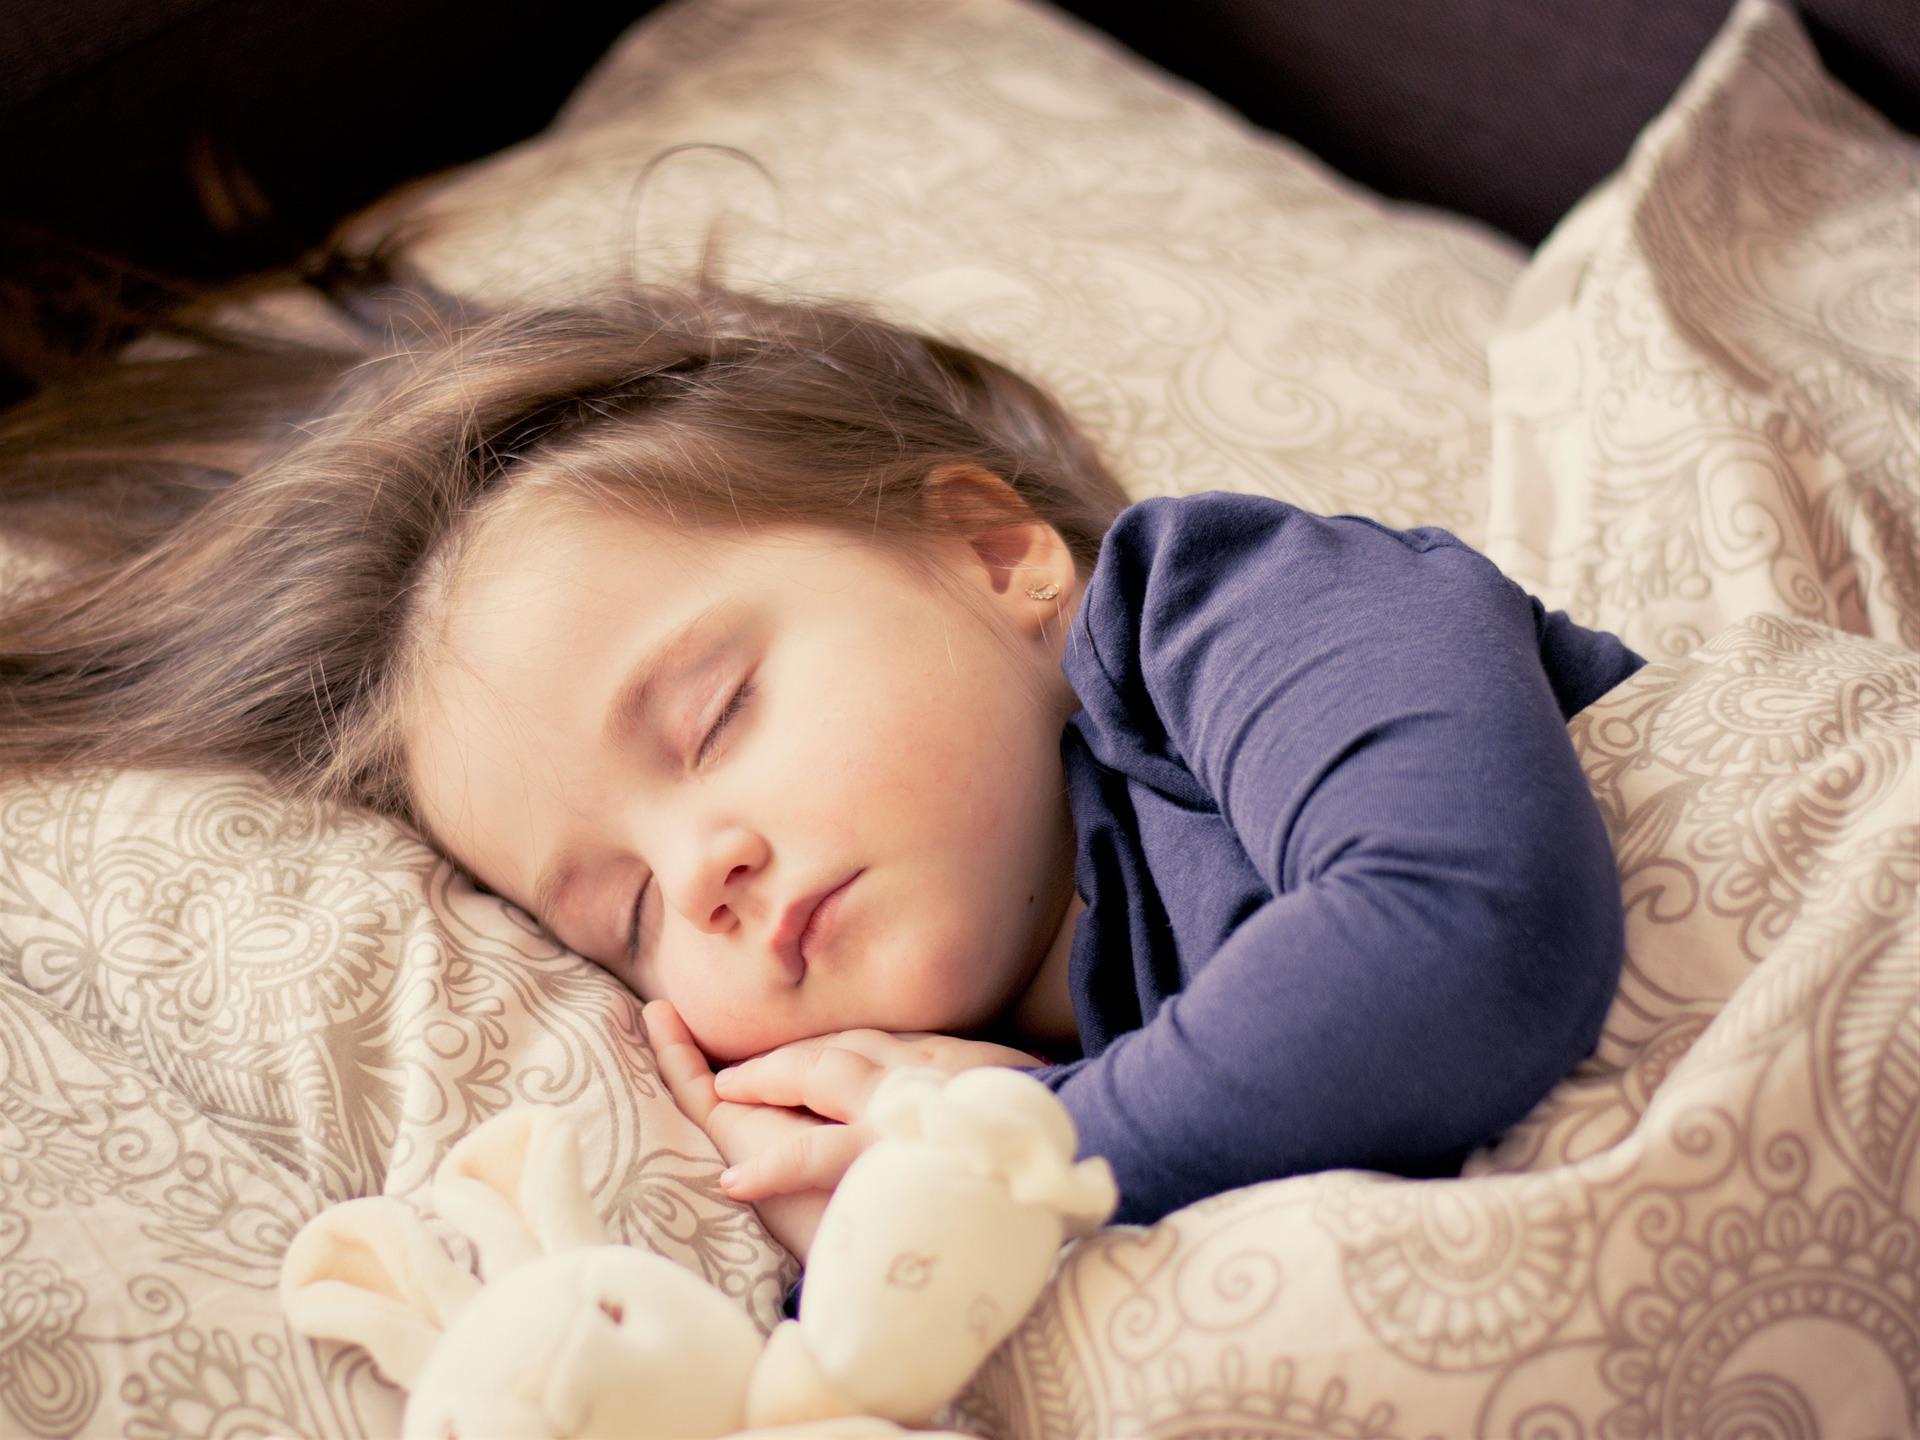 【冬の対策】冷たいおしりふきで赤ちゃんが泣くのを防止するのに最適なグッズ